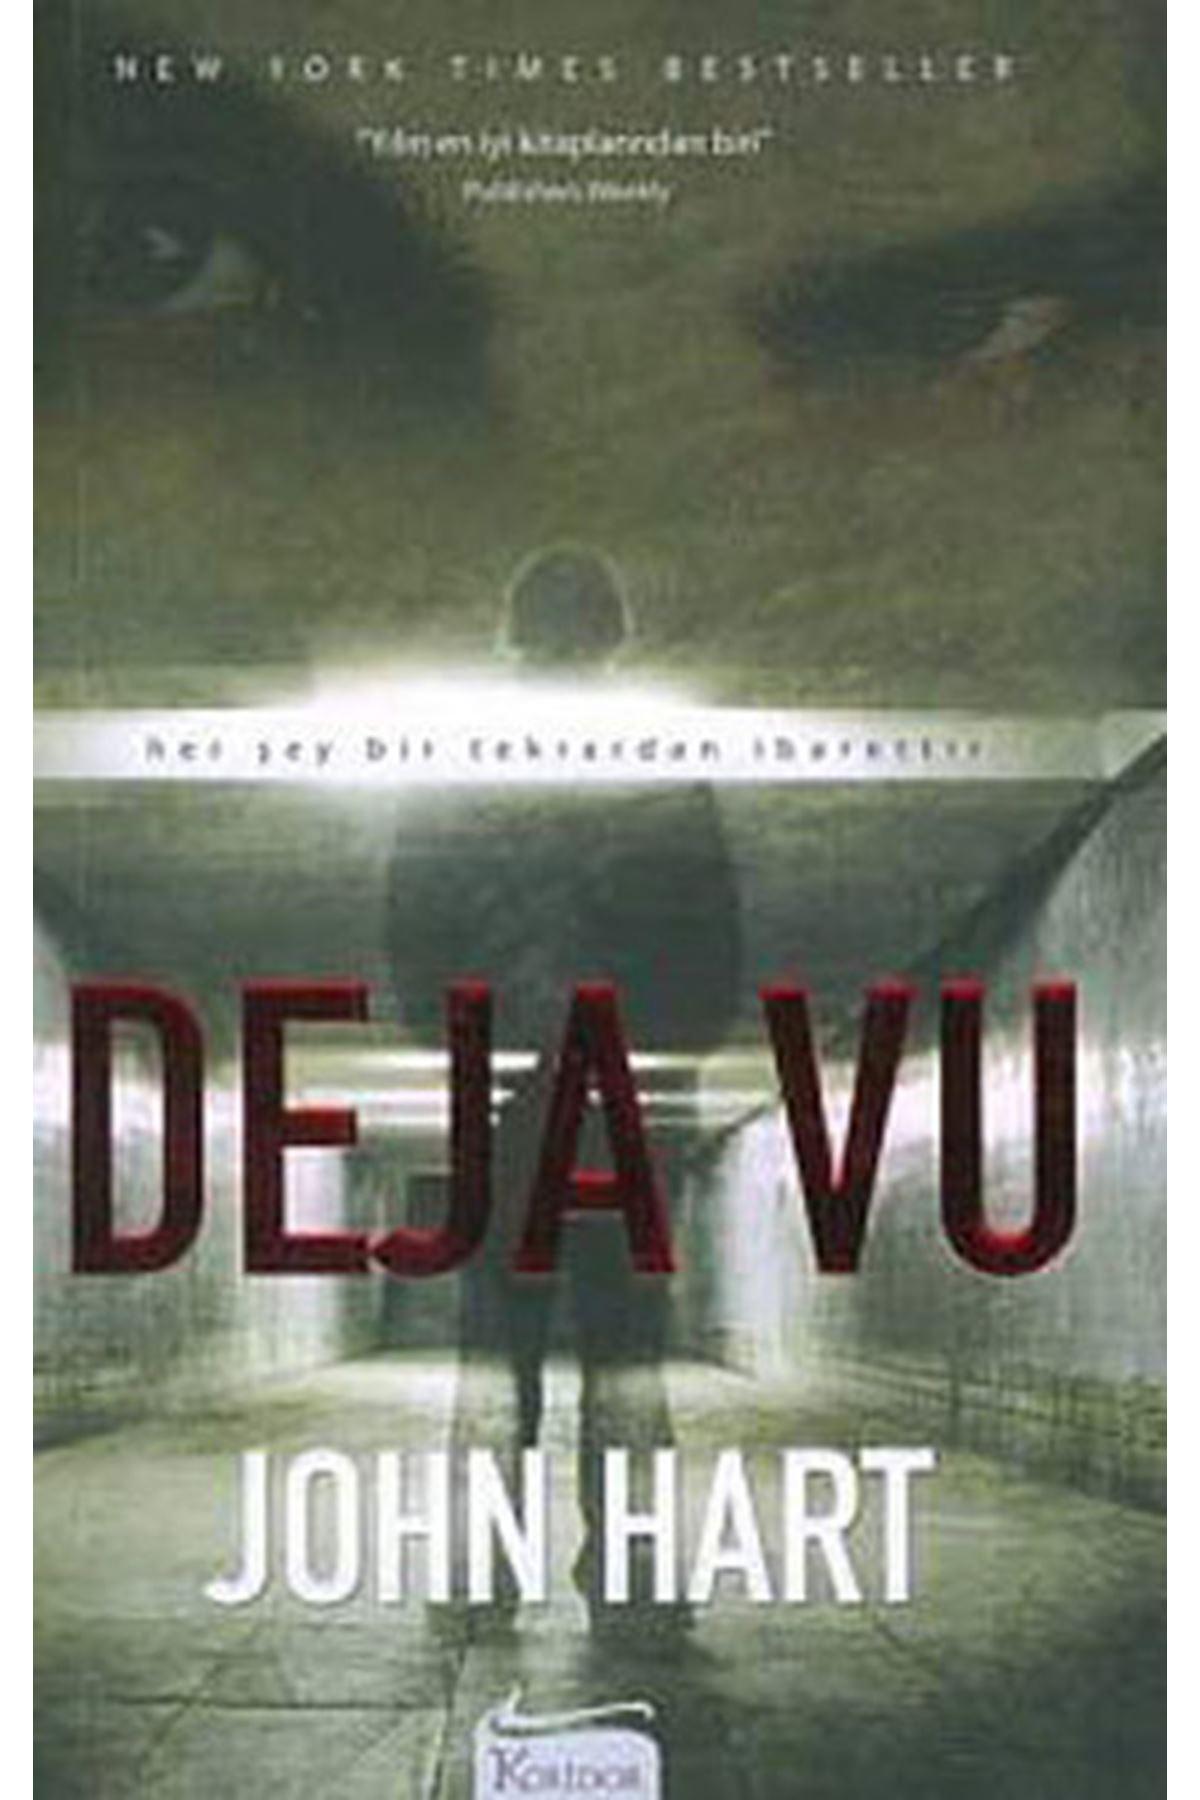 JOHN HART - DEJAVU